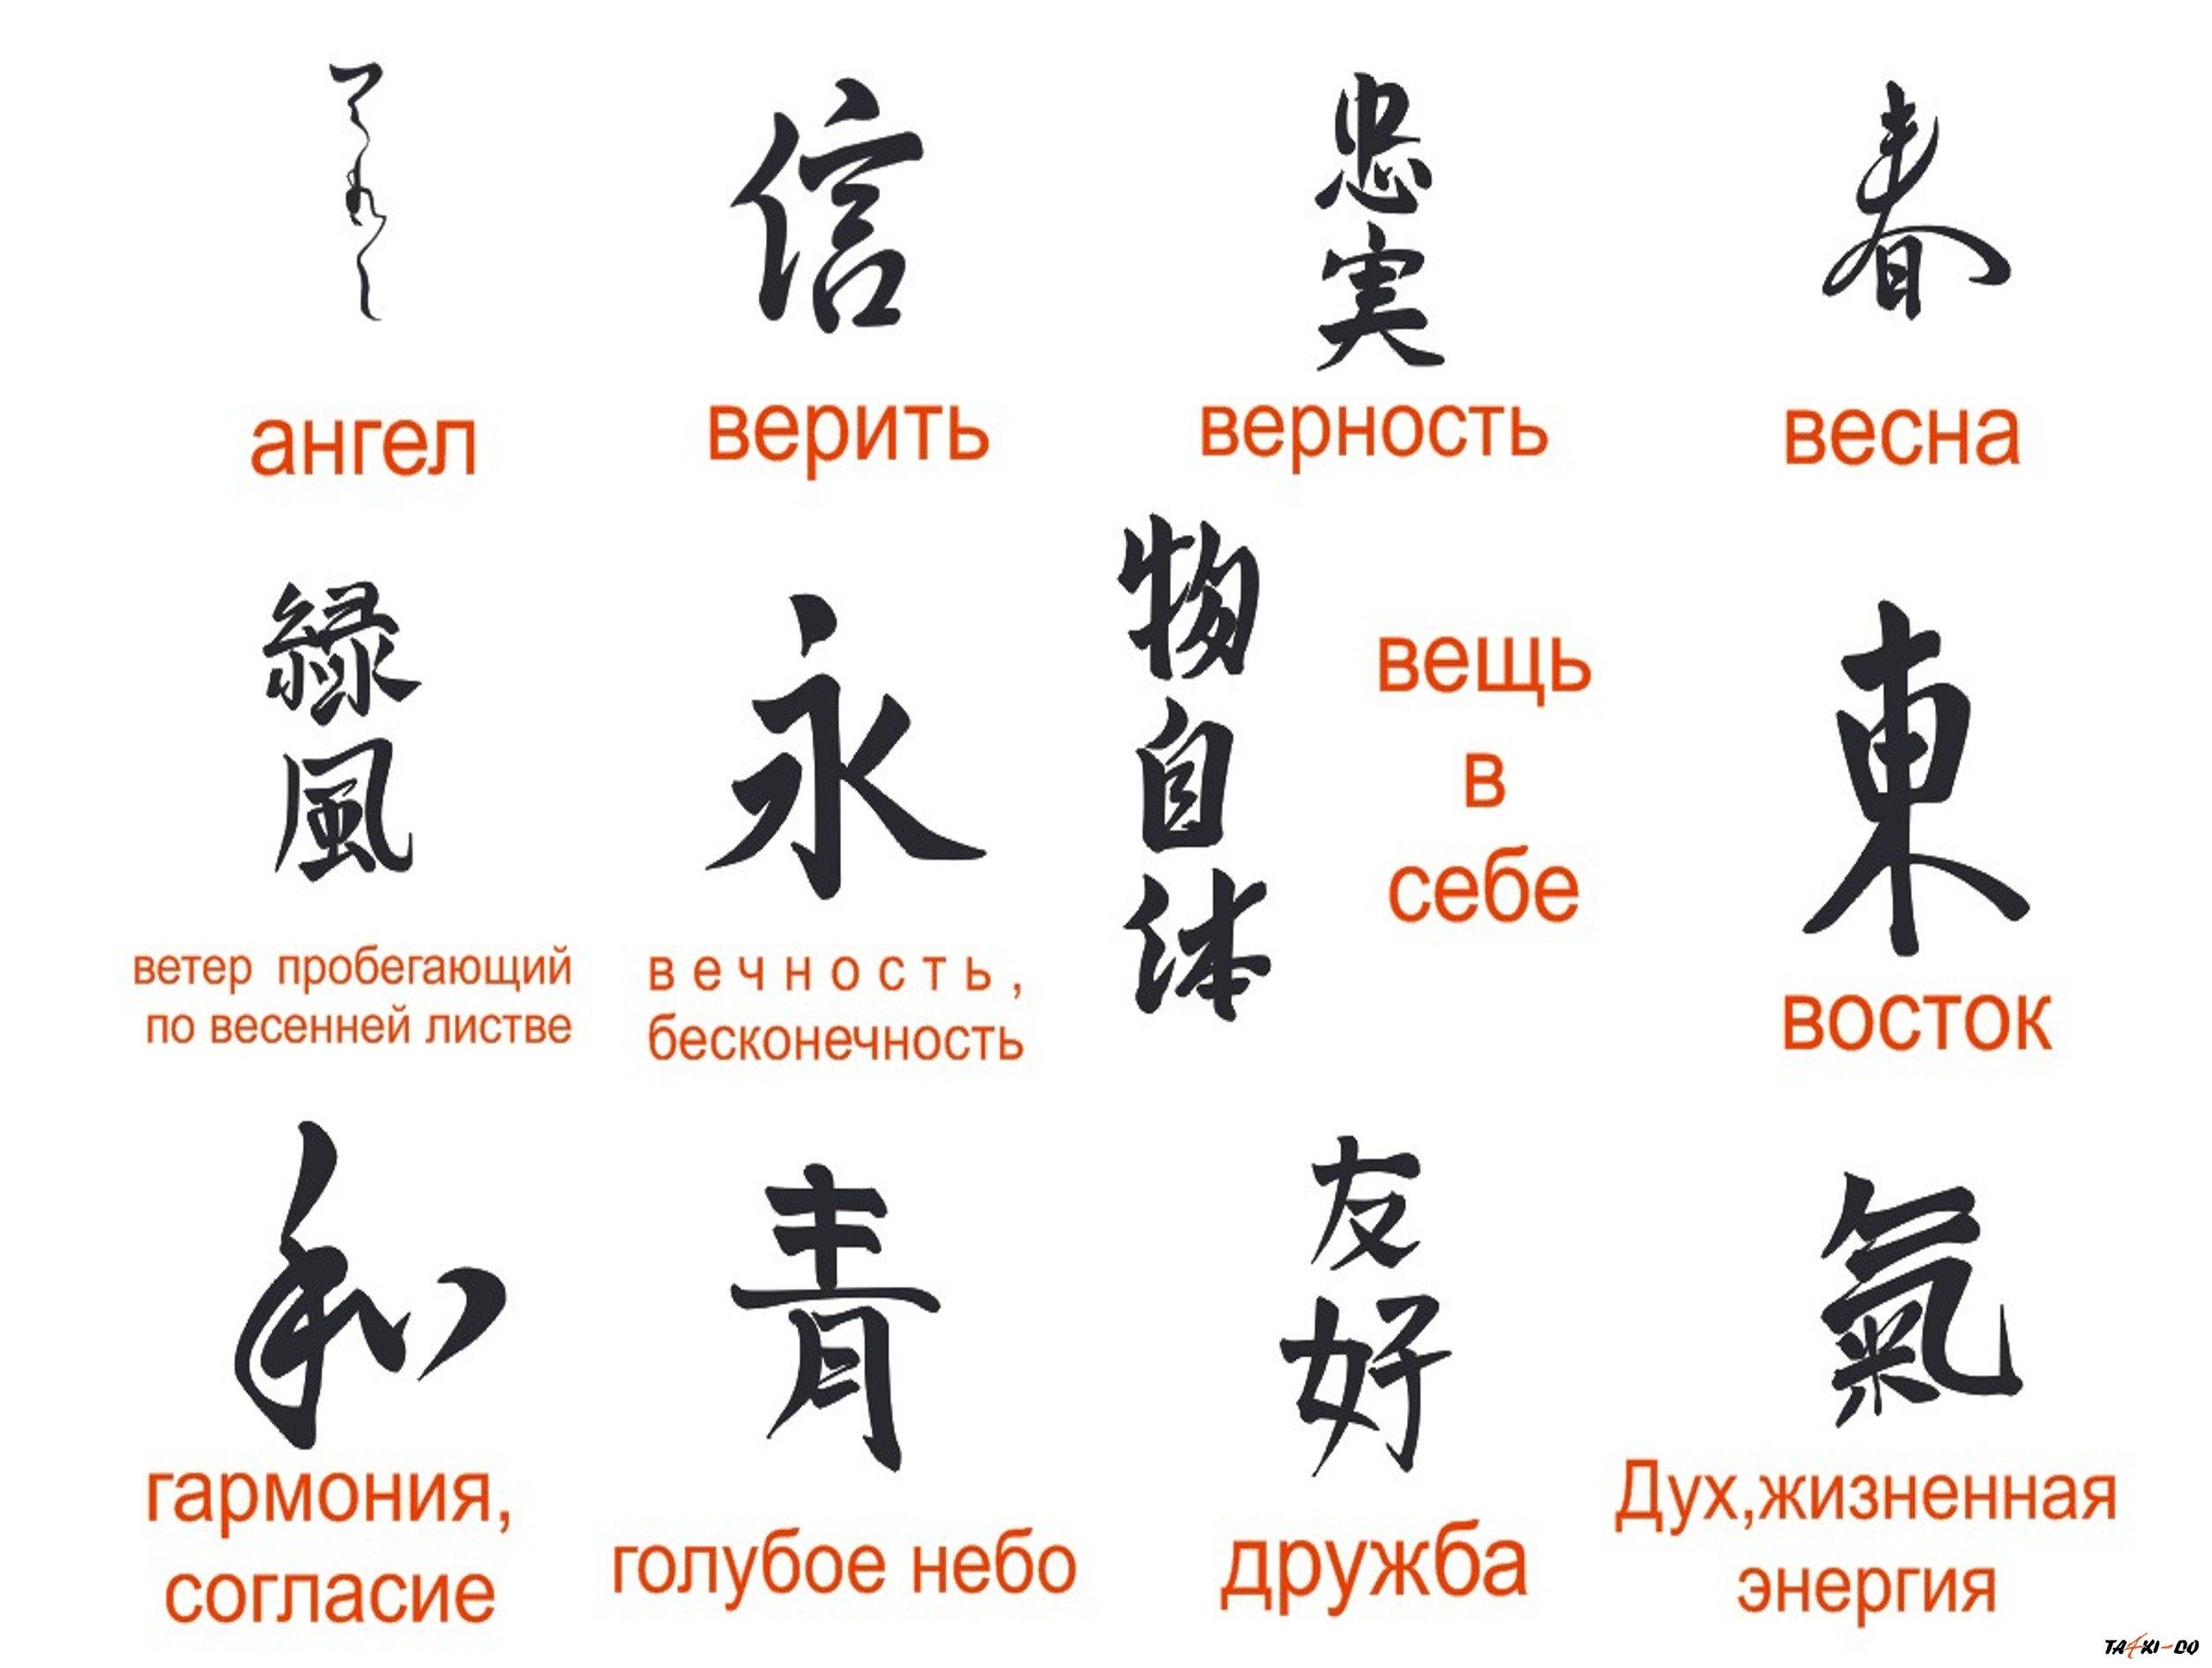 Татуировки иероглифы и их значения на русском Китай в мире 37